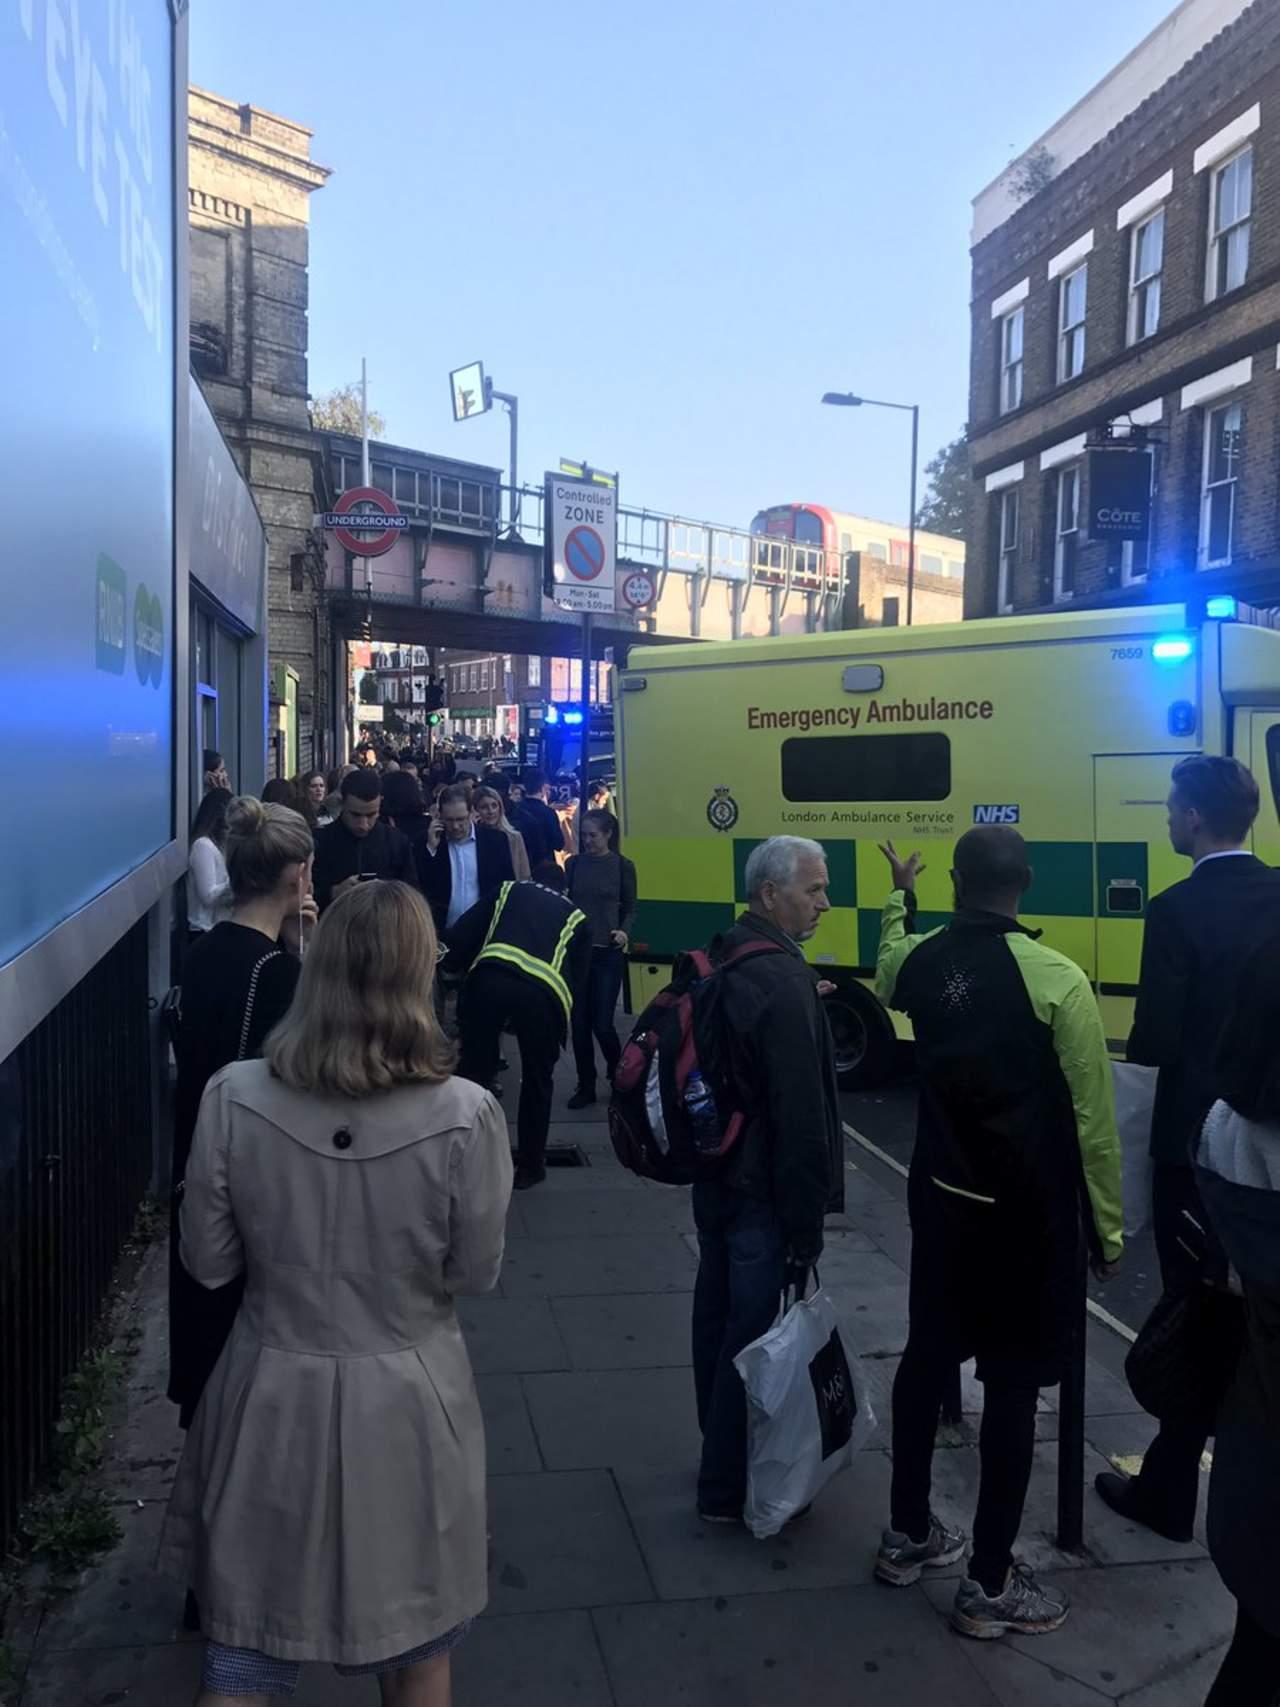 Suman 22 personas heridas por explosión en metro de Londres